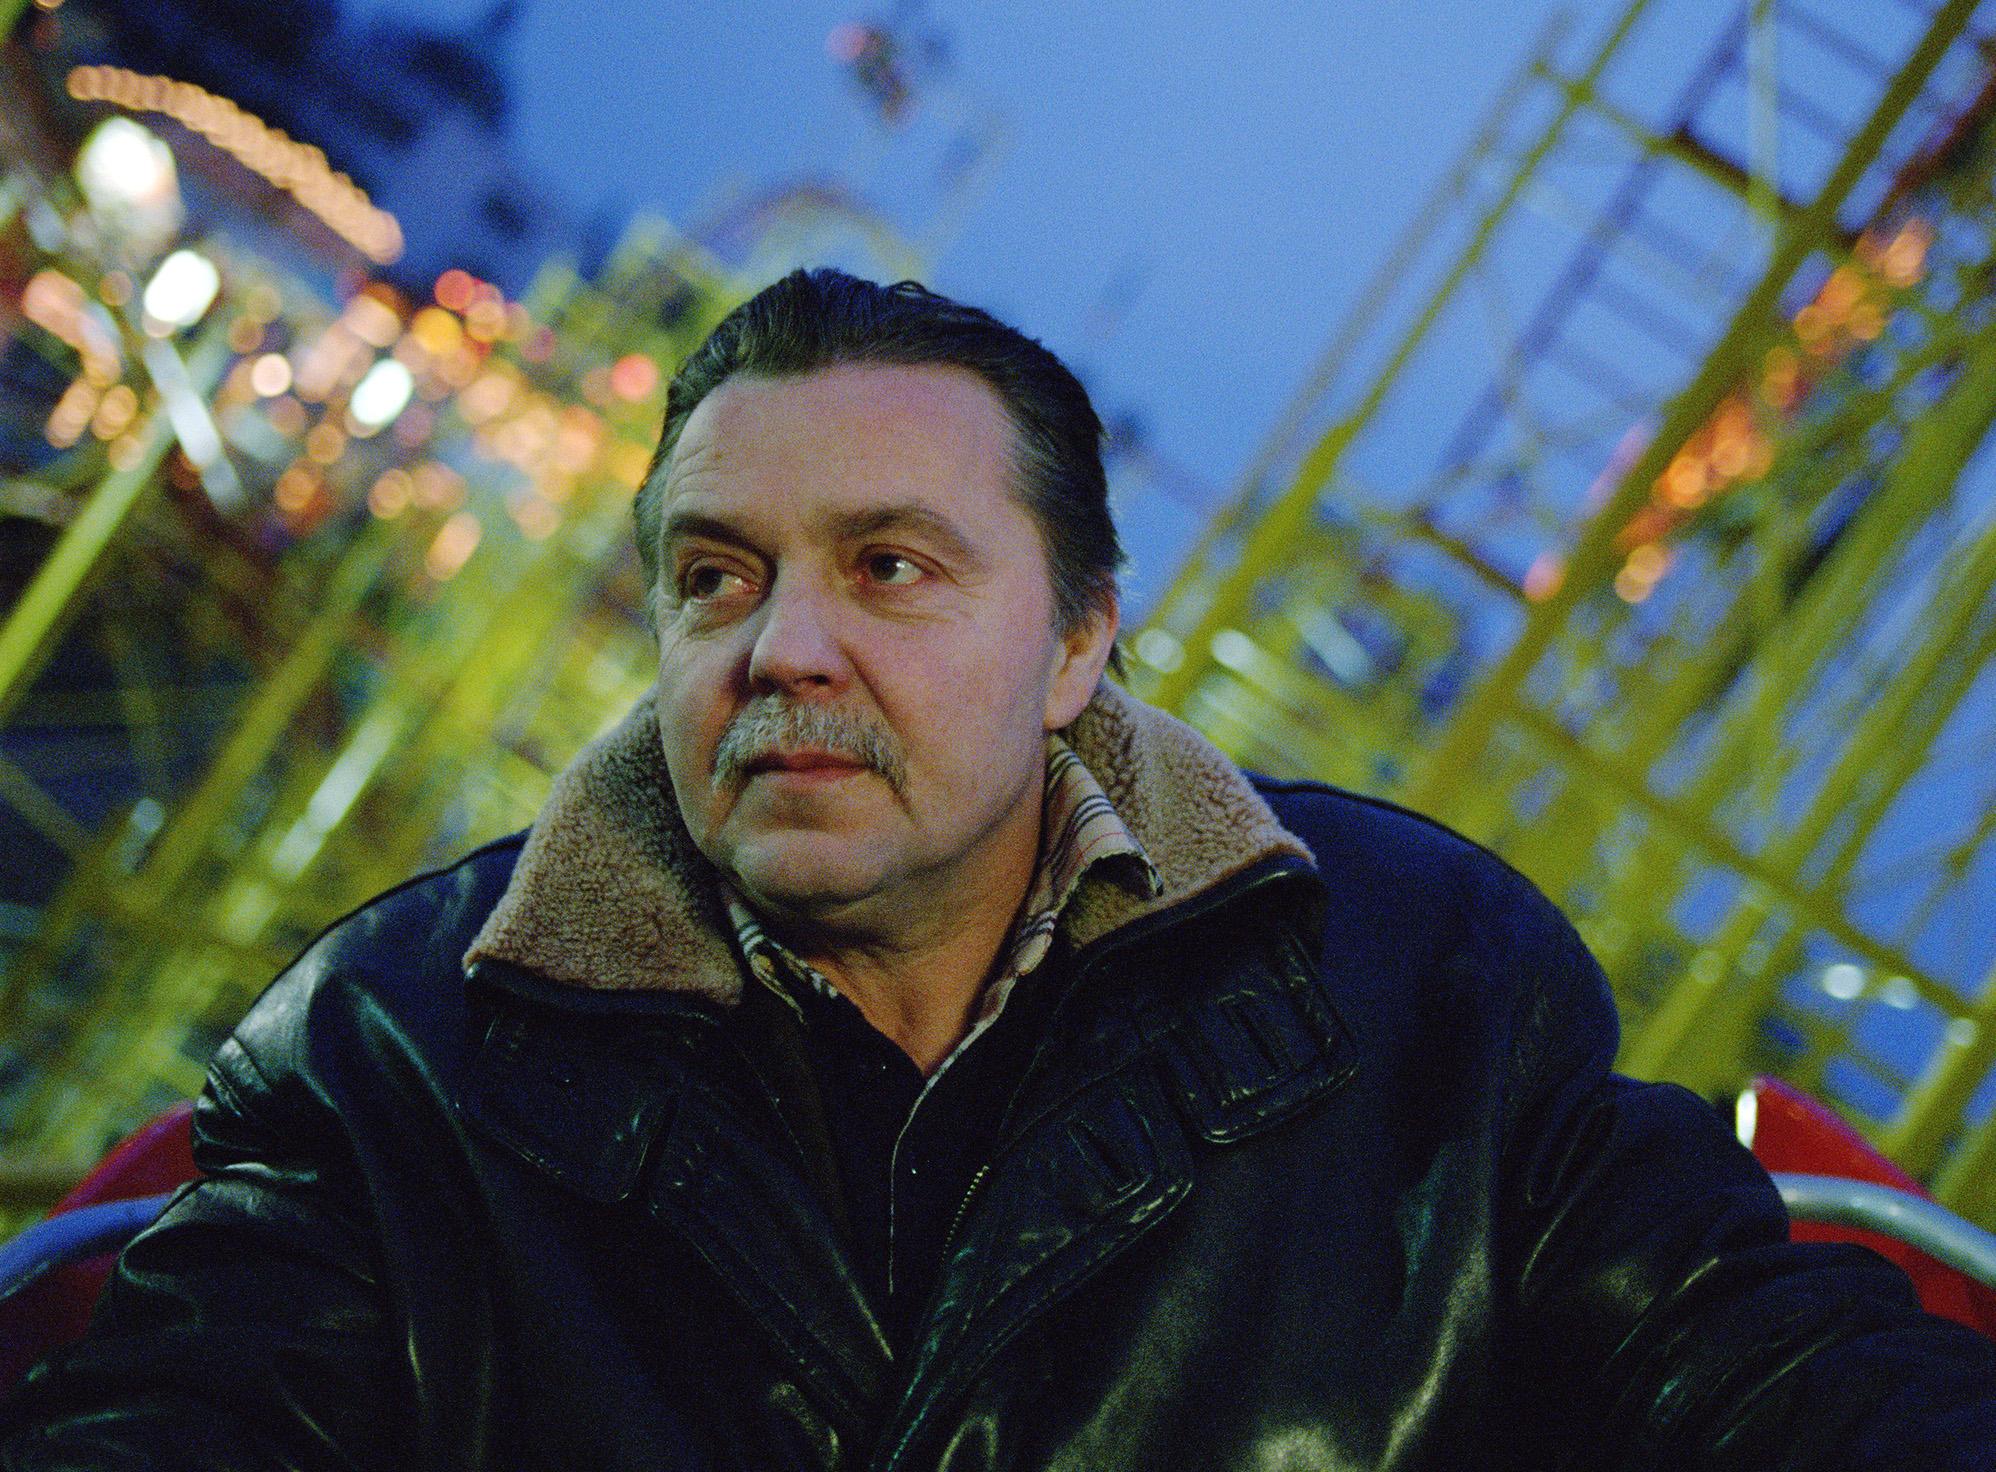 Norbert Witte